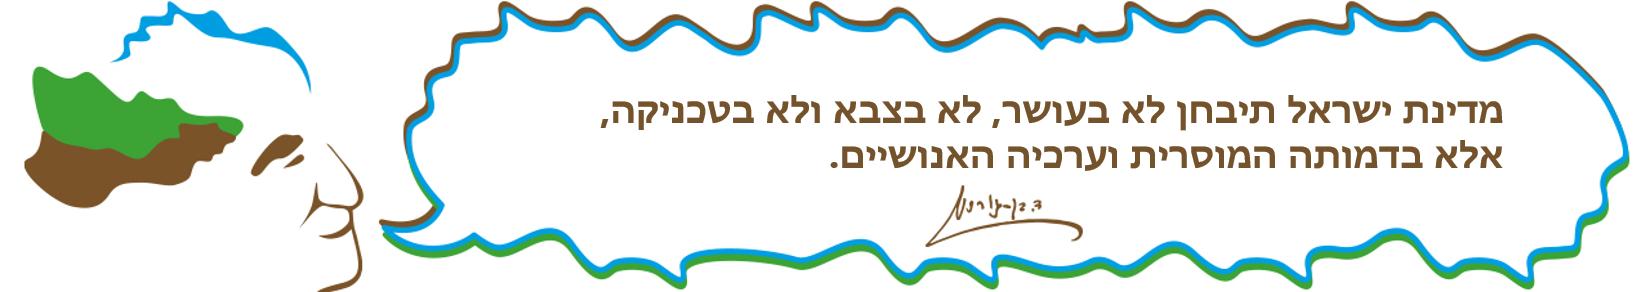 מדינת ישראל תיבחן לא בעושר, לא בצבא ולא בטכניקה, אלא בדמותה המוסרית וערכיה האנושיים